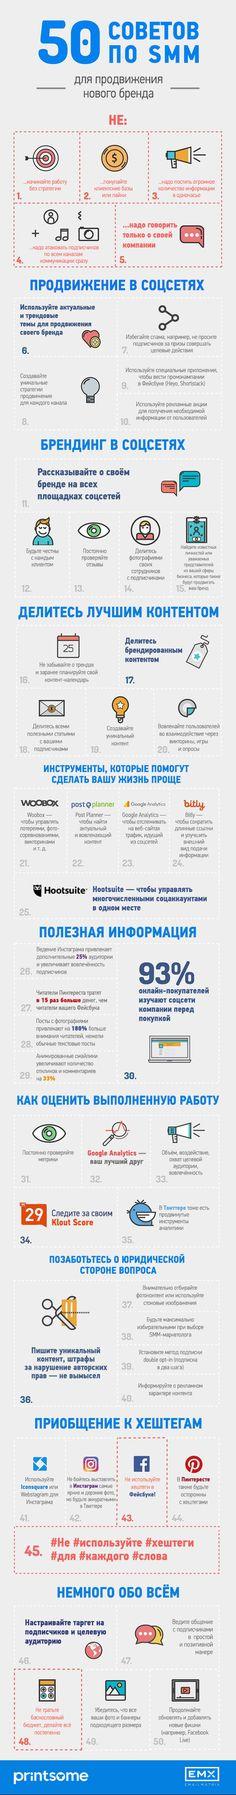 50 исчерпывающих советов по SMM в одной инфографике! #EMAILMATRIX #EMX #emailmarketing #infographic